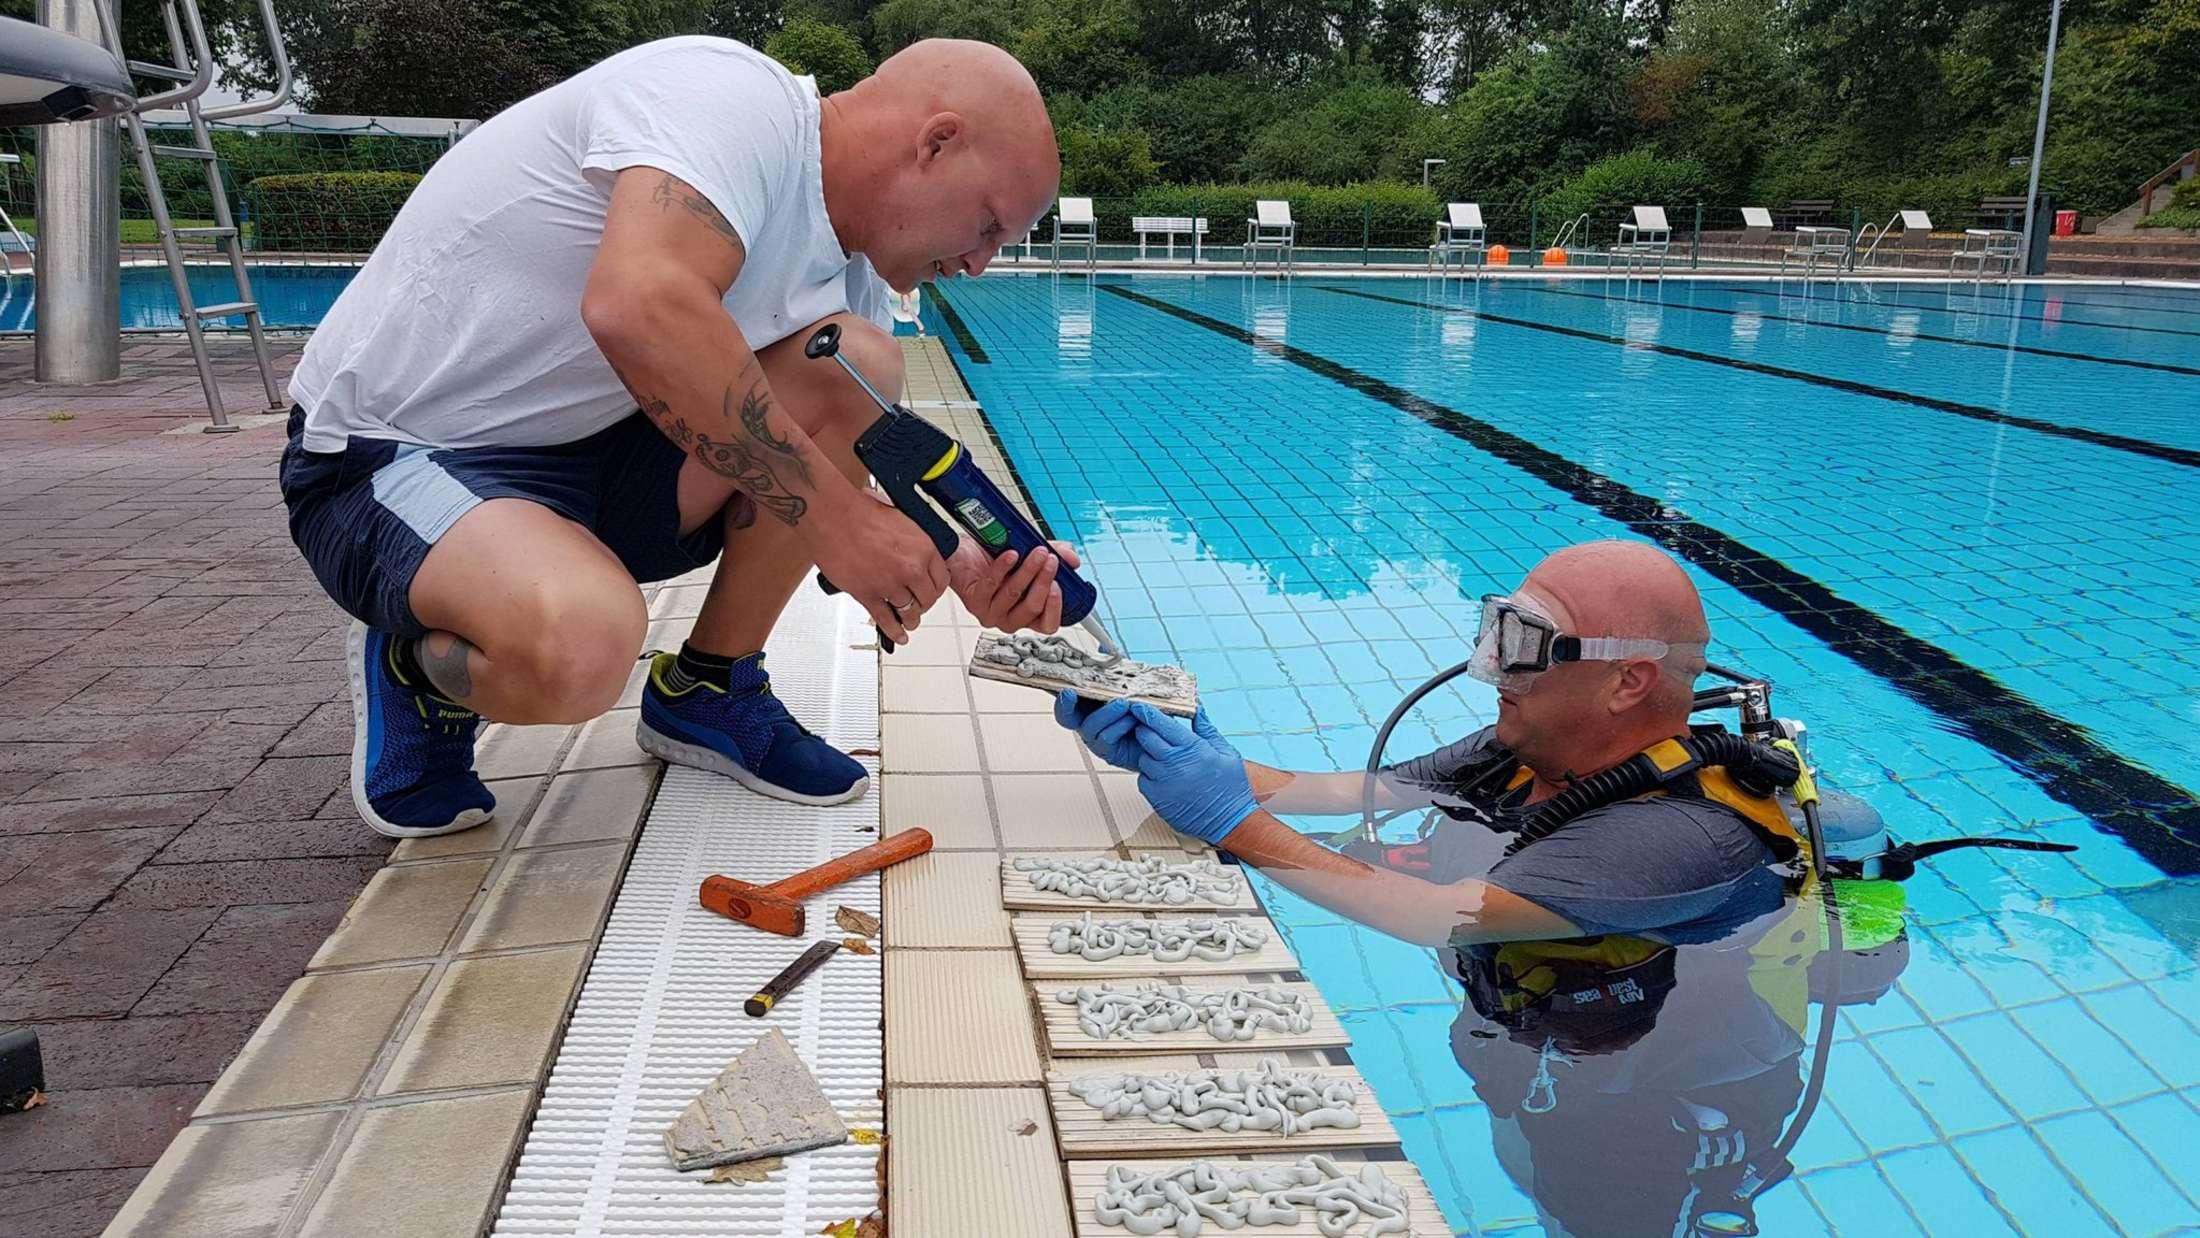 Wie konnte das nur passieren? Taucher müssen Schwimmbad reparieren weil Männer am Beckenrand die Fliesen beschädigt haben.